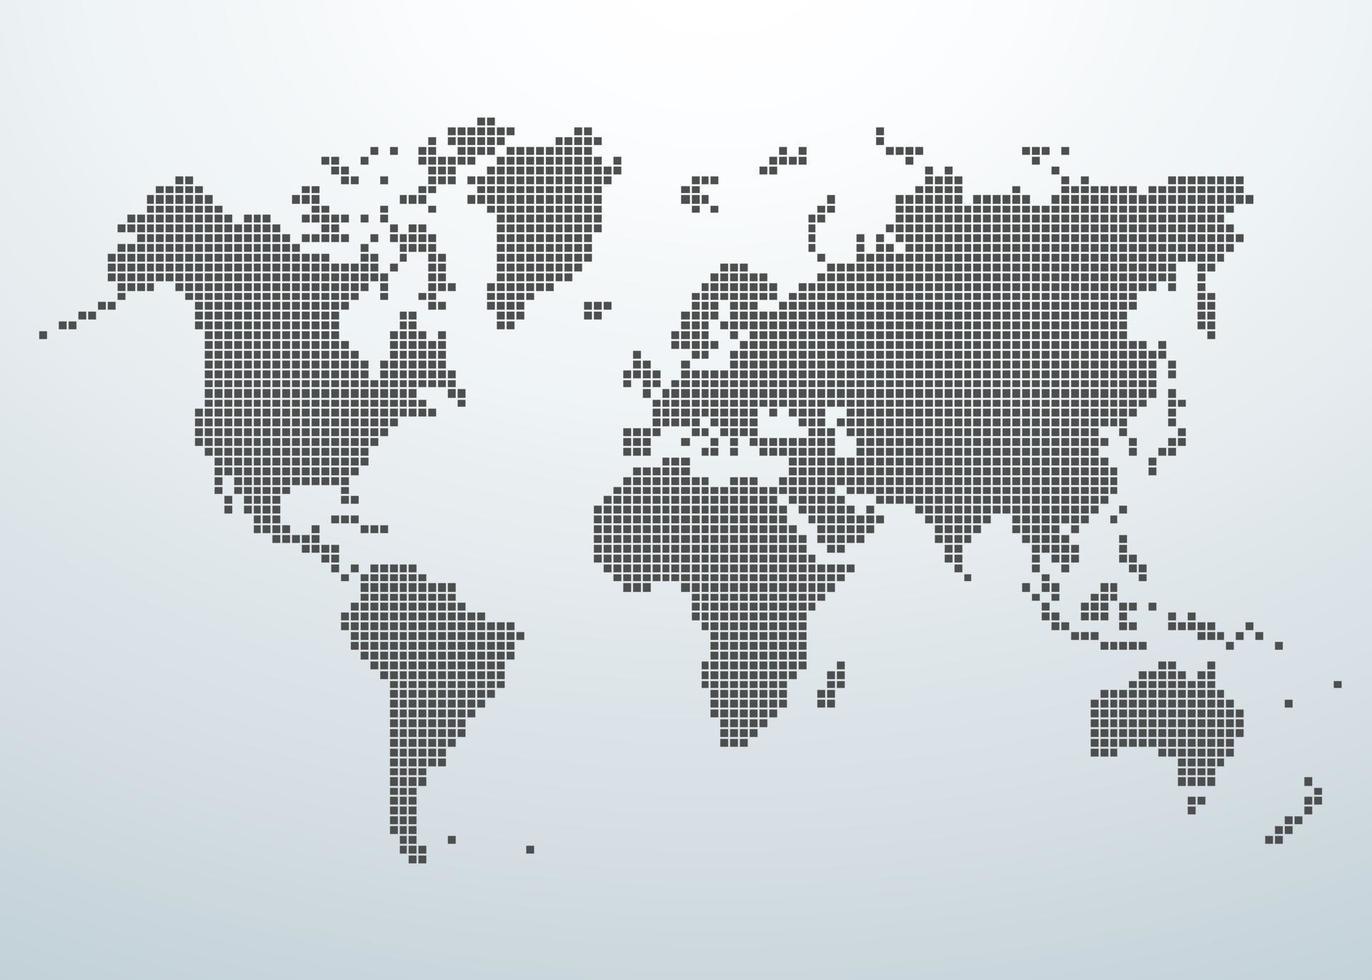 mappa del mondo del concetto di piazza. illustrazione vettoriale